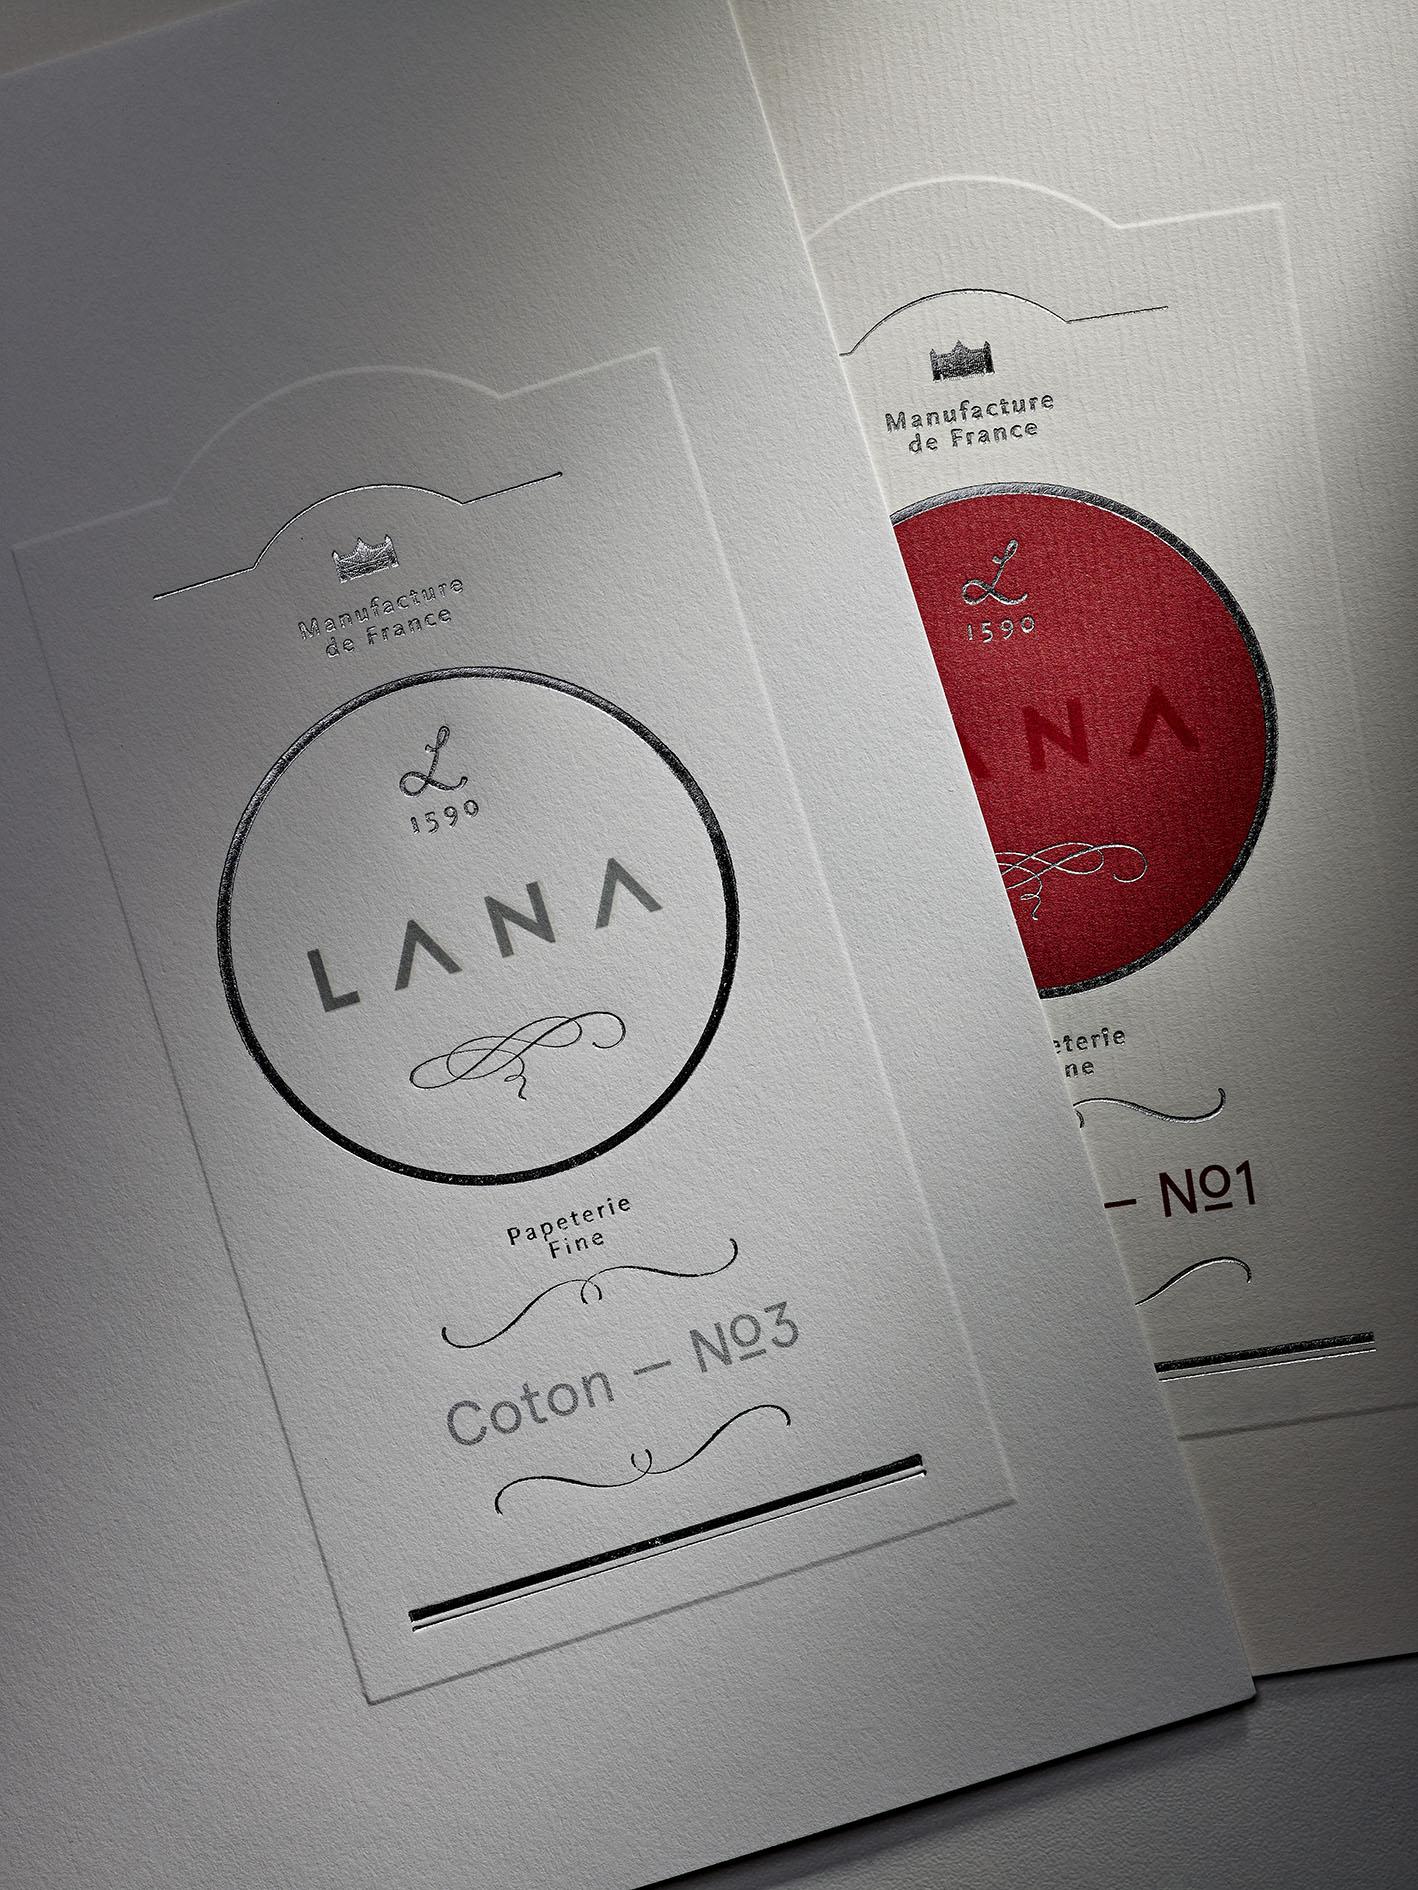 Lana -11-2